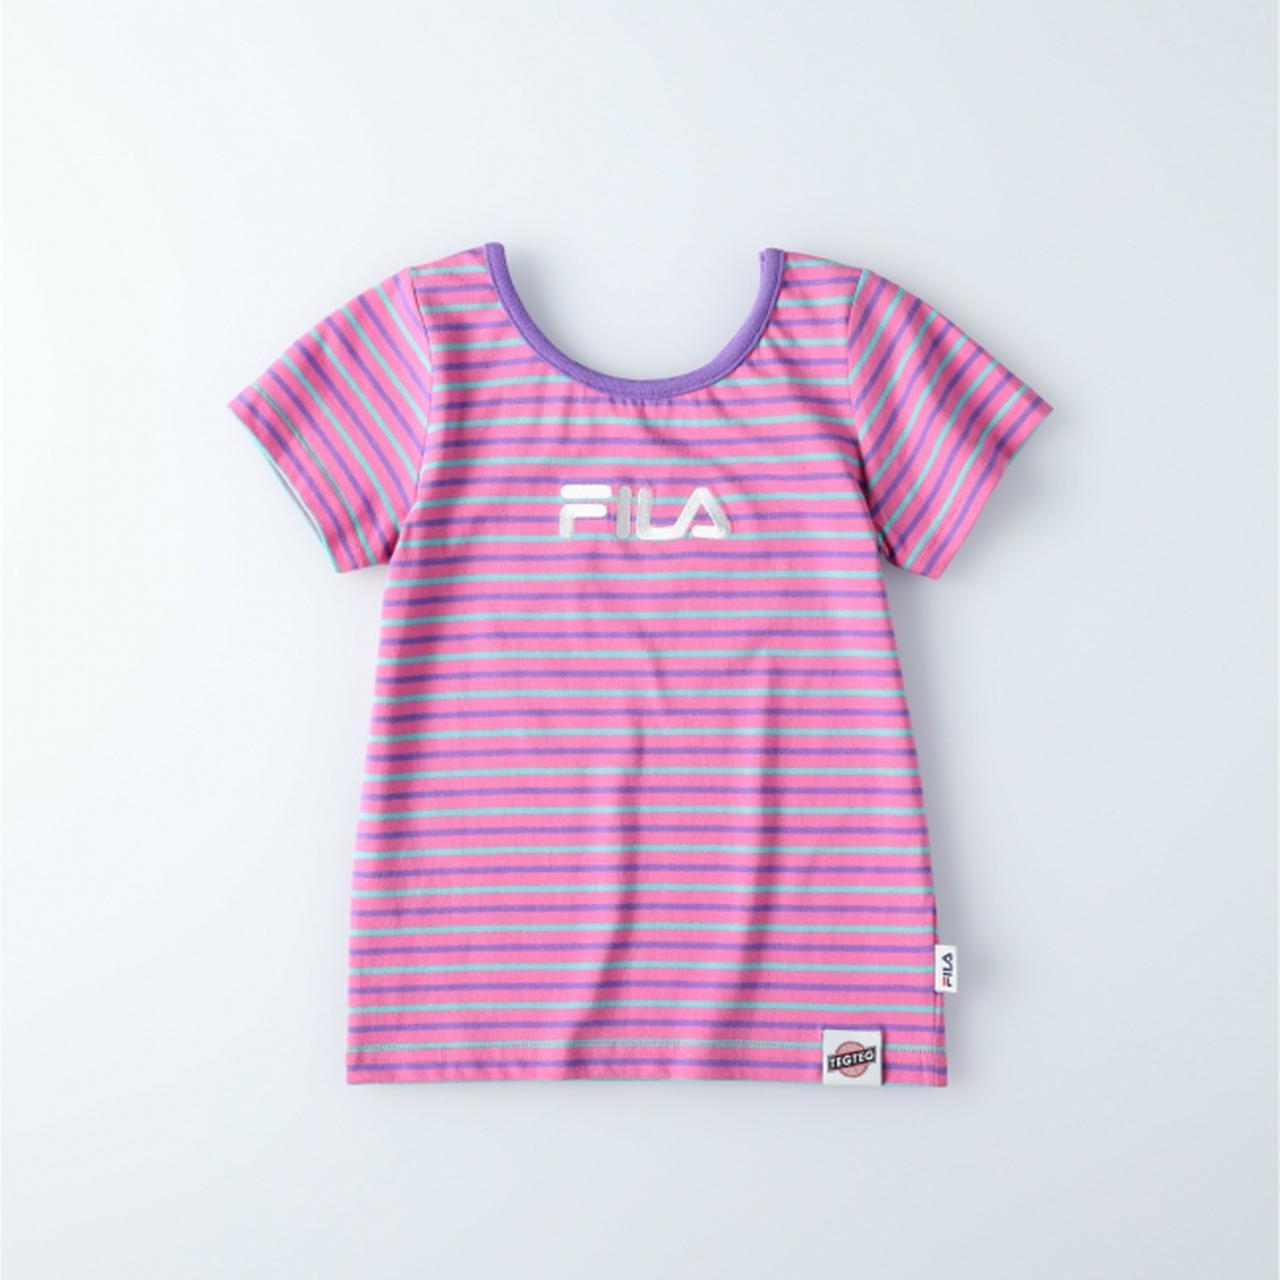 画像6: FILA×TEG TEG cheered by Girls² の大人気キッズウェア第三弾が発売!